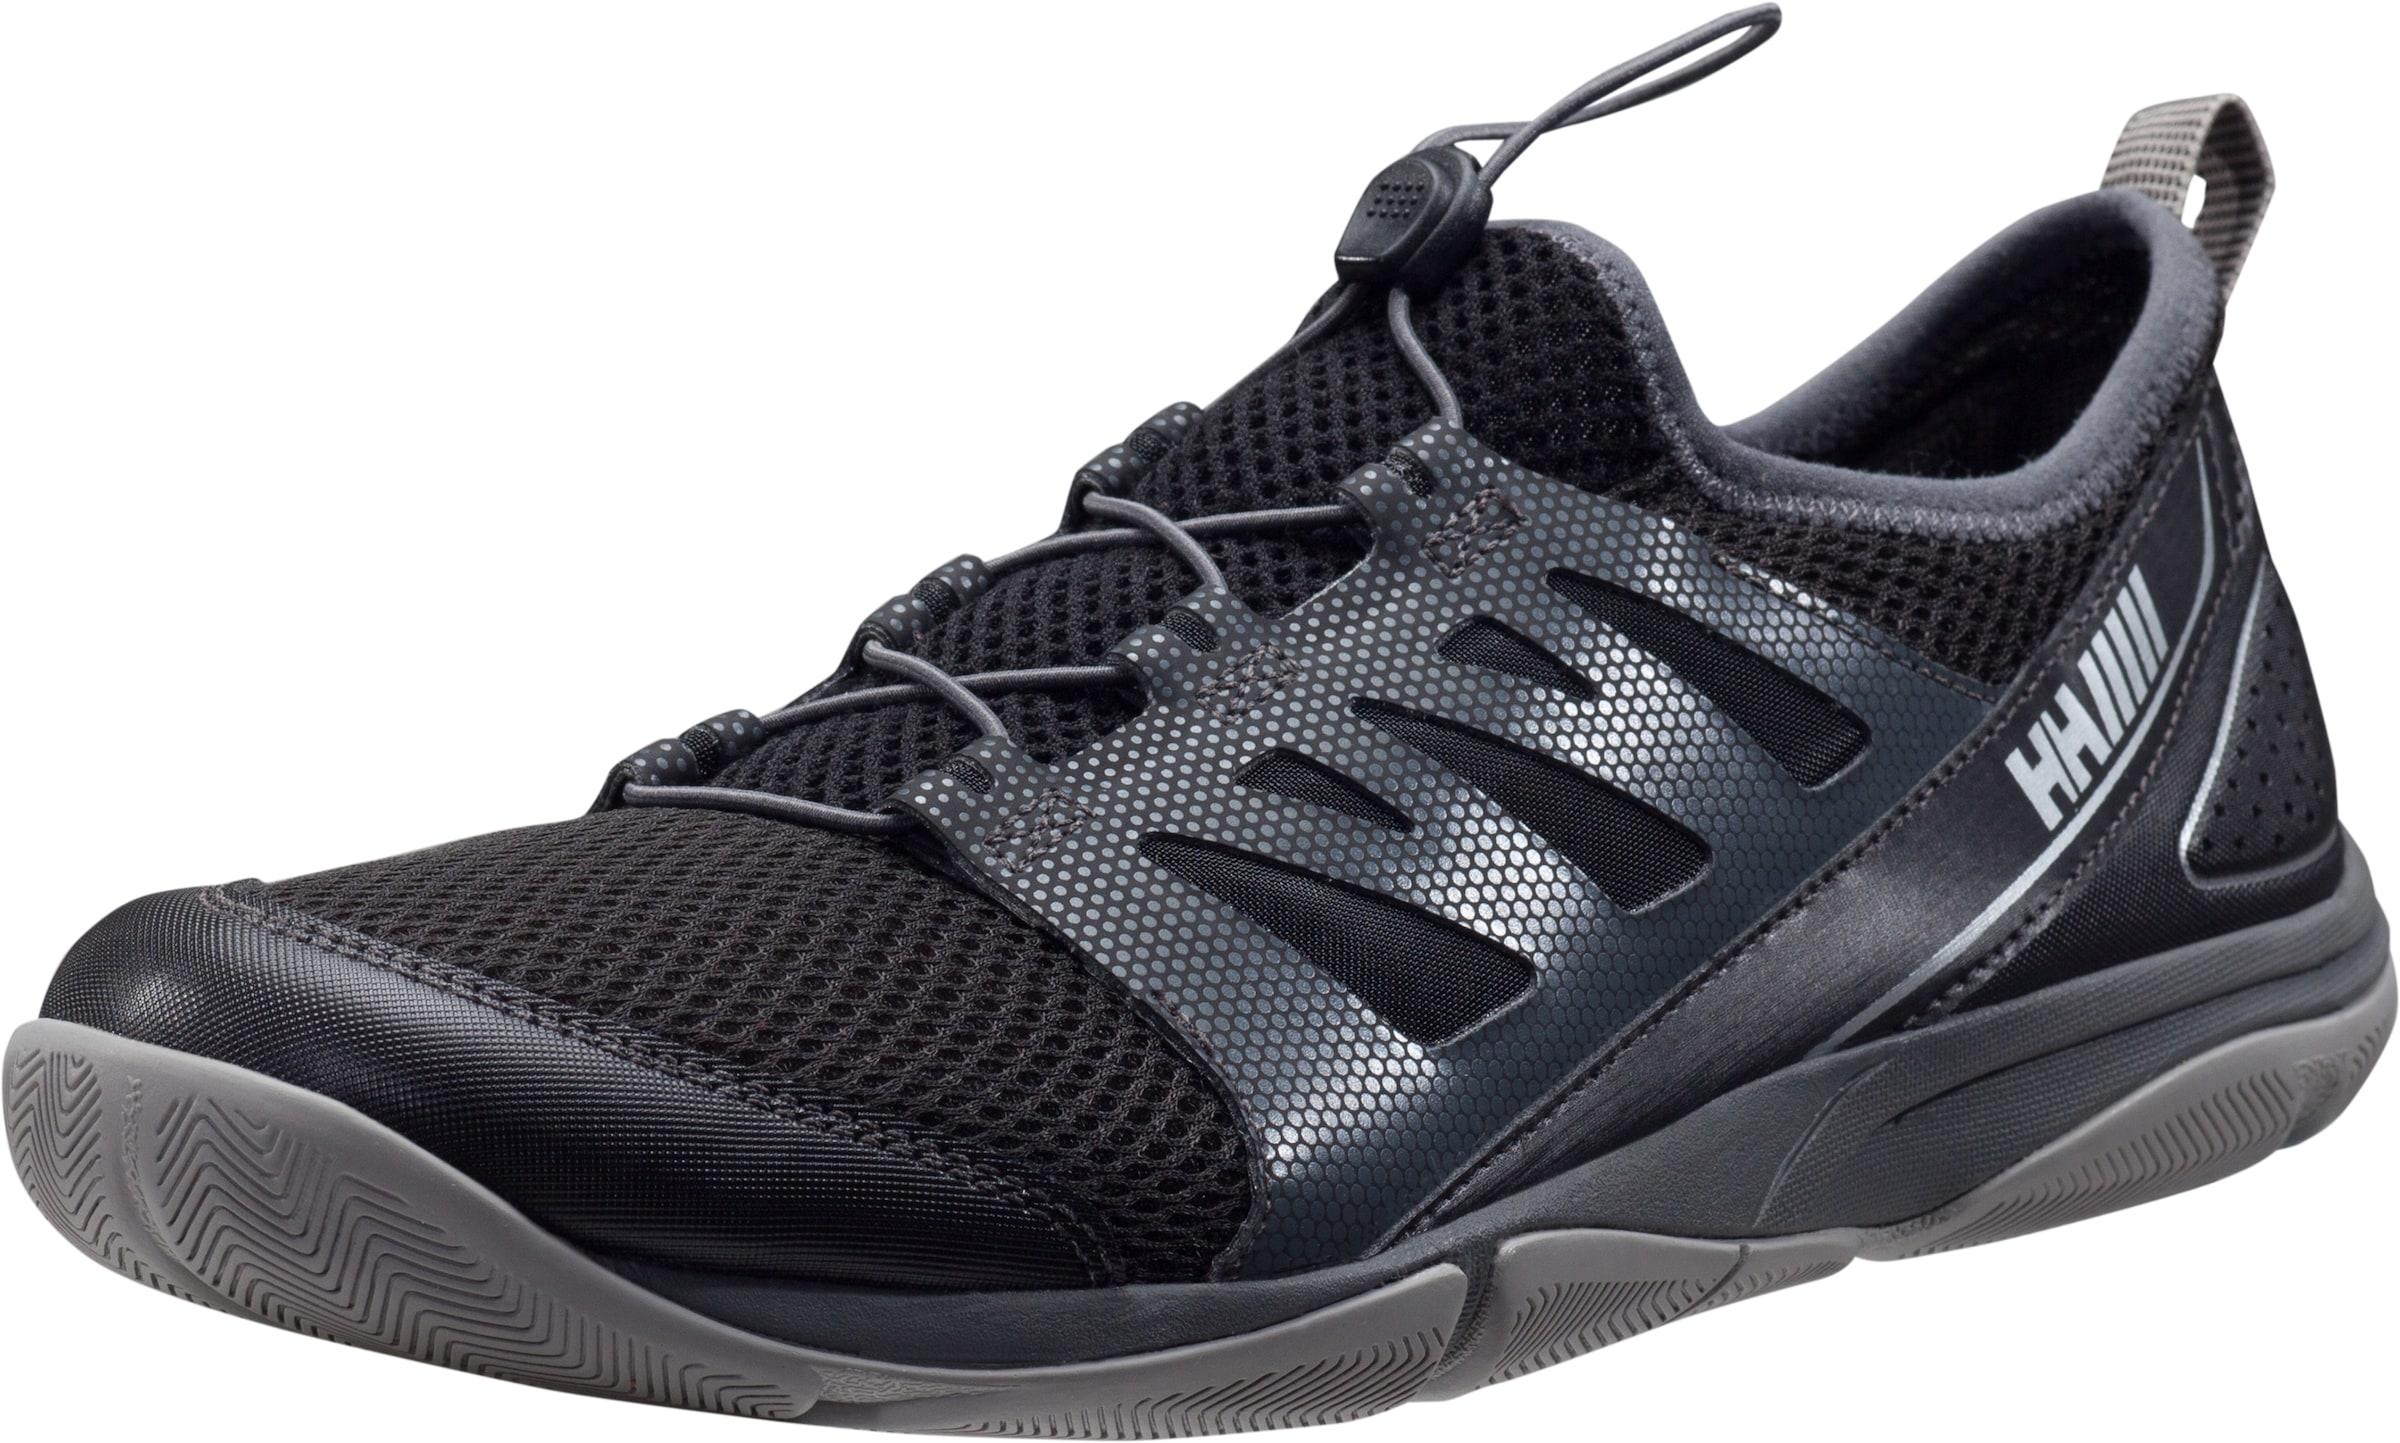 HELLY HANSEN Aquapace 0 Günstige und langlebige Schuhe